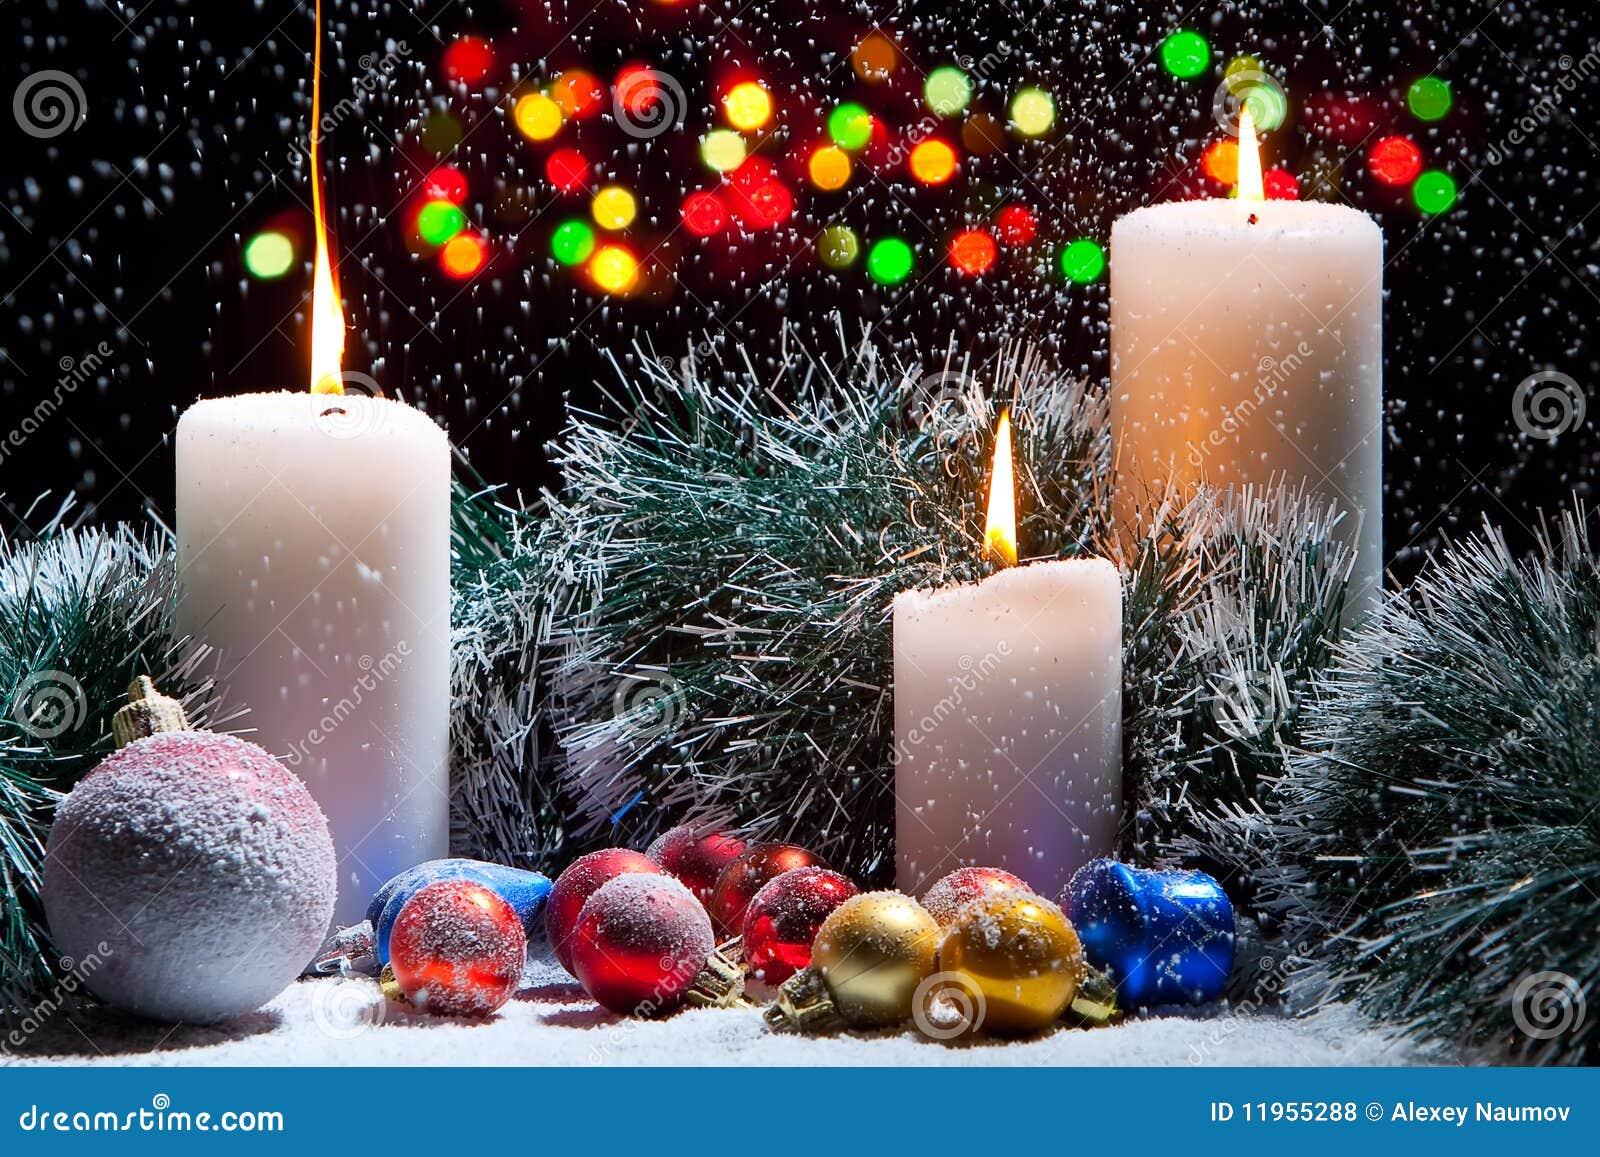 Decorazioni di natale con le candele fotografia stock - Decorazioni natalizie con candele ...